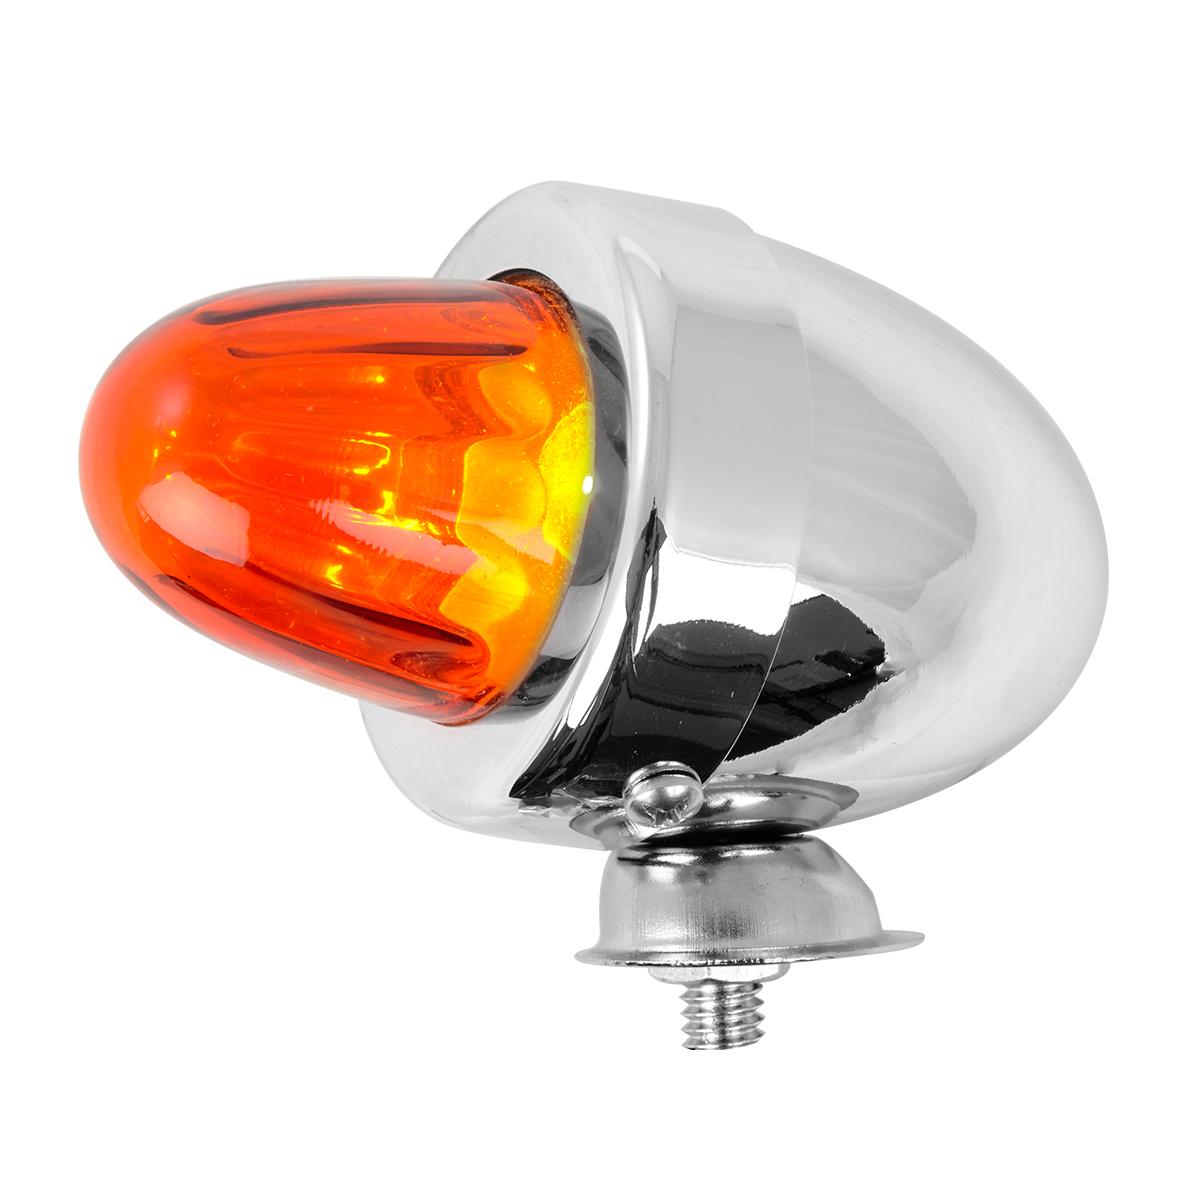 #80481 Bullet Shape Marker Light with Amber Glass Lens